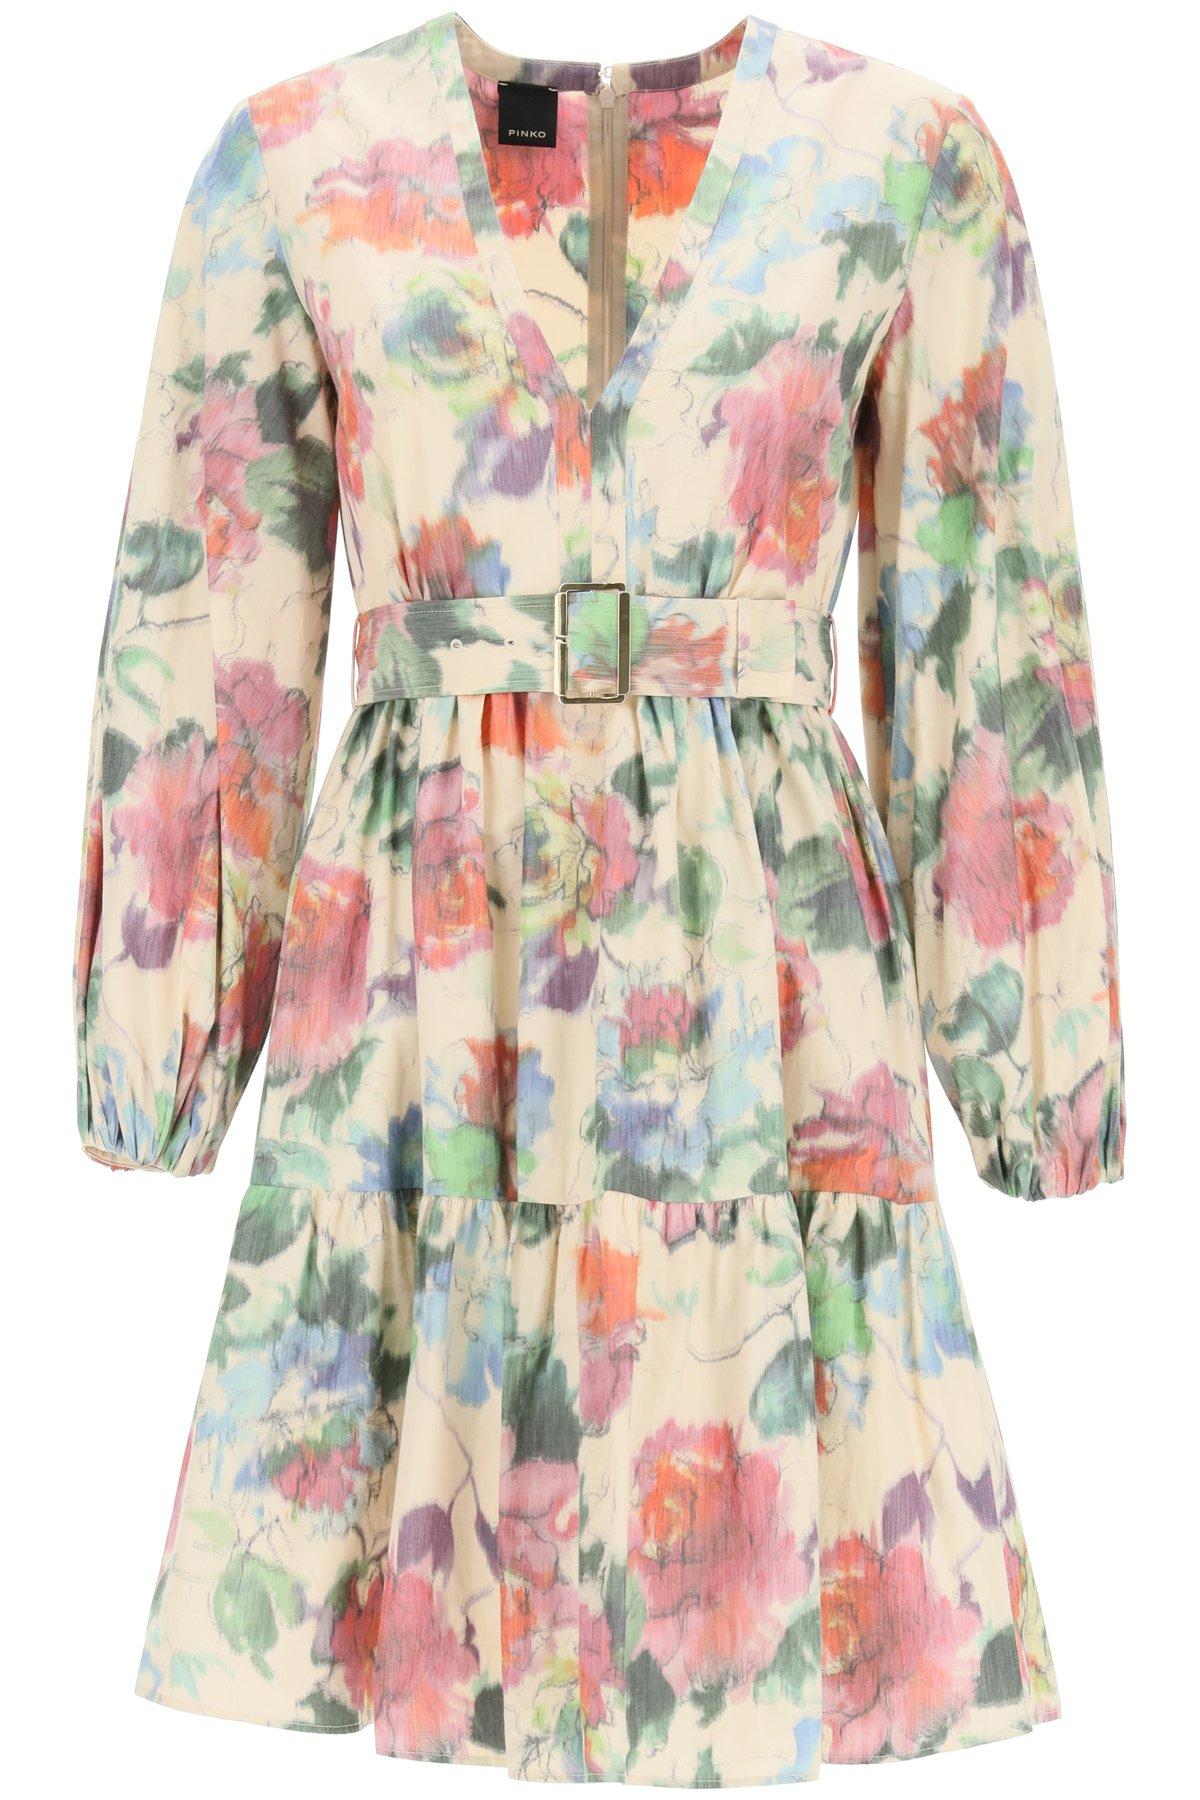 Pinko abito floreale in taffetà